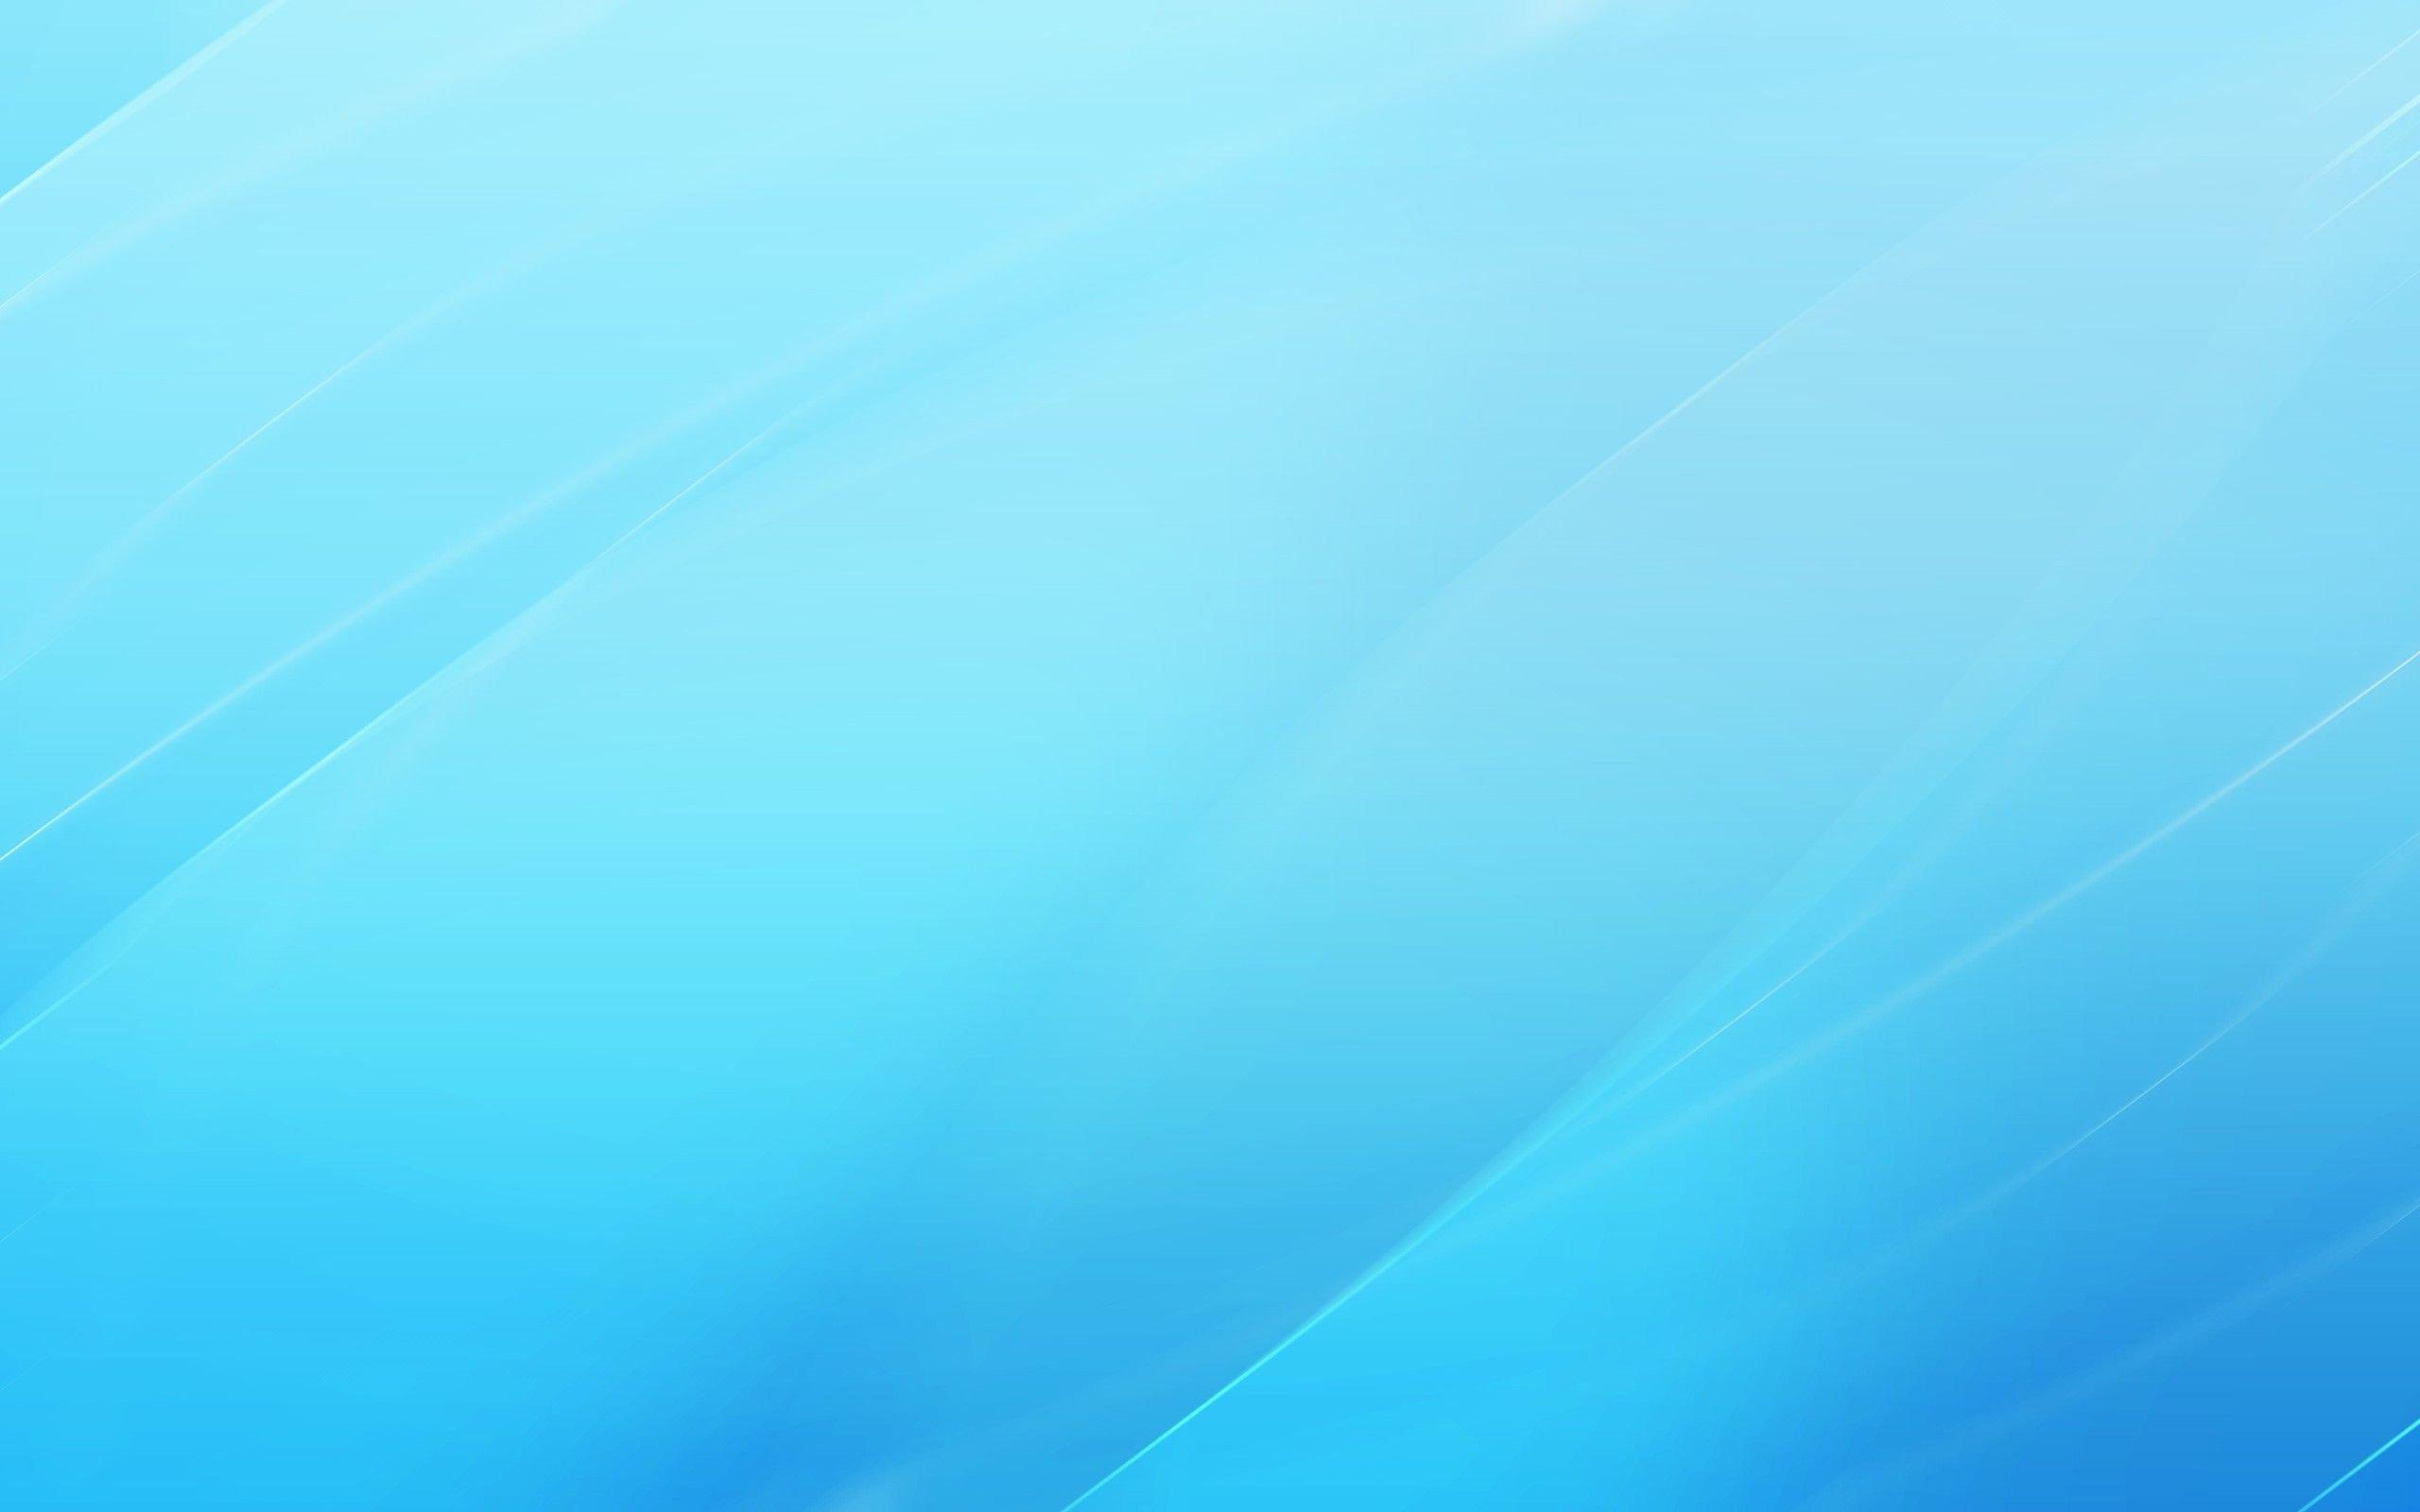 Картинки для презентации голубого цвета